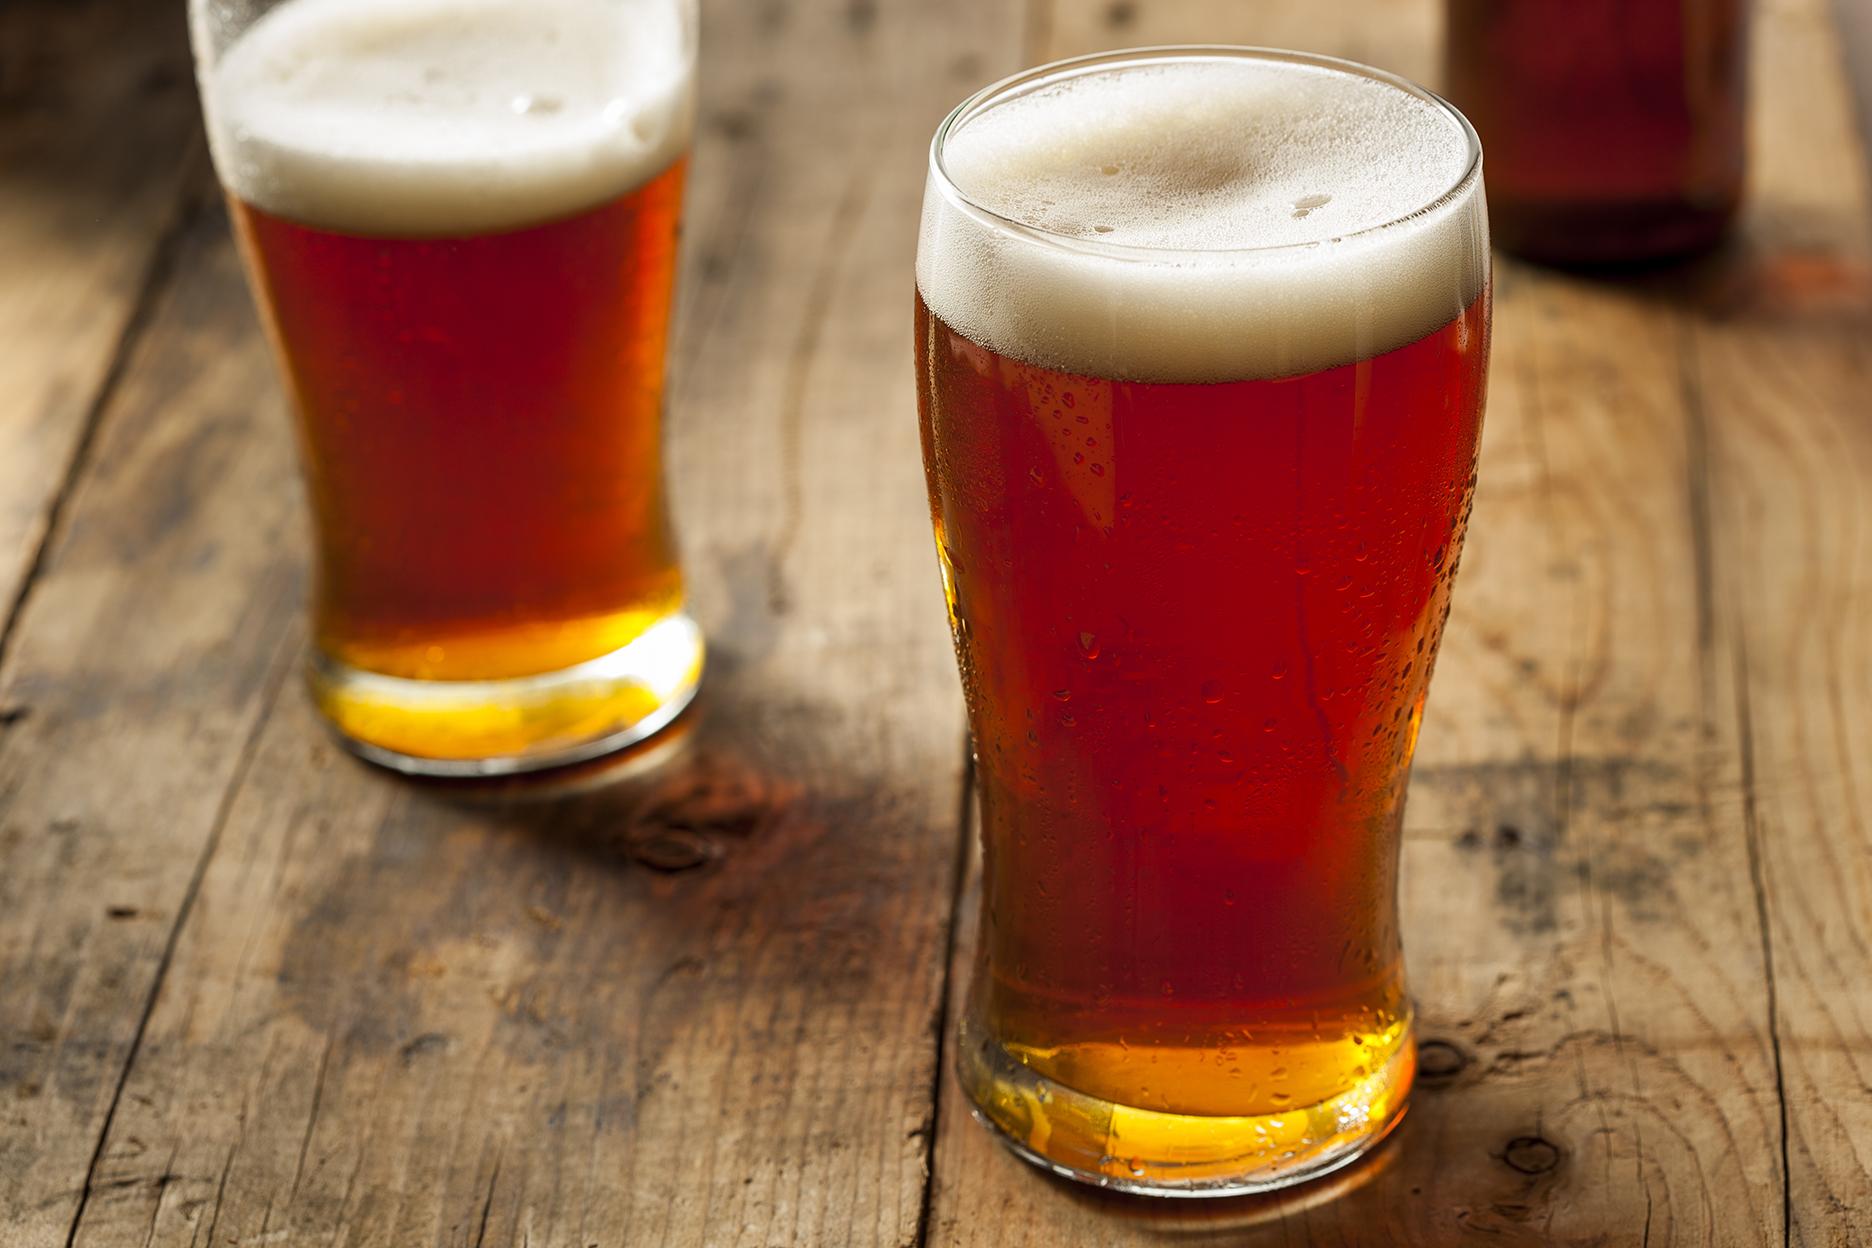 alkoholfri öl nyttigt